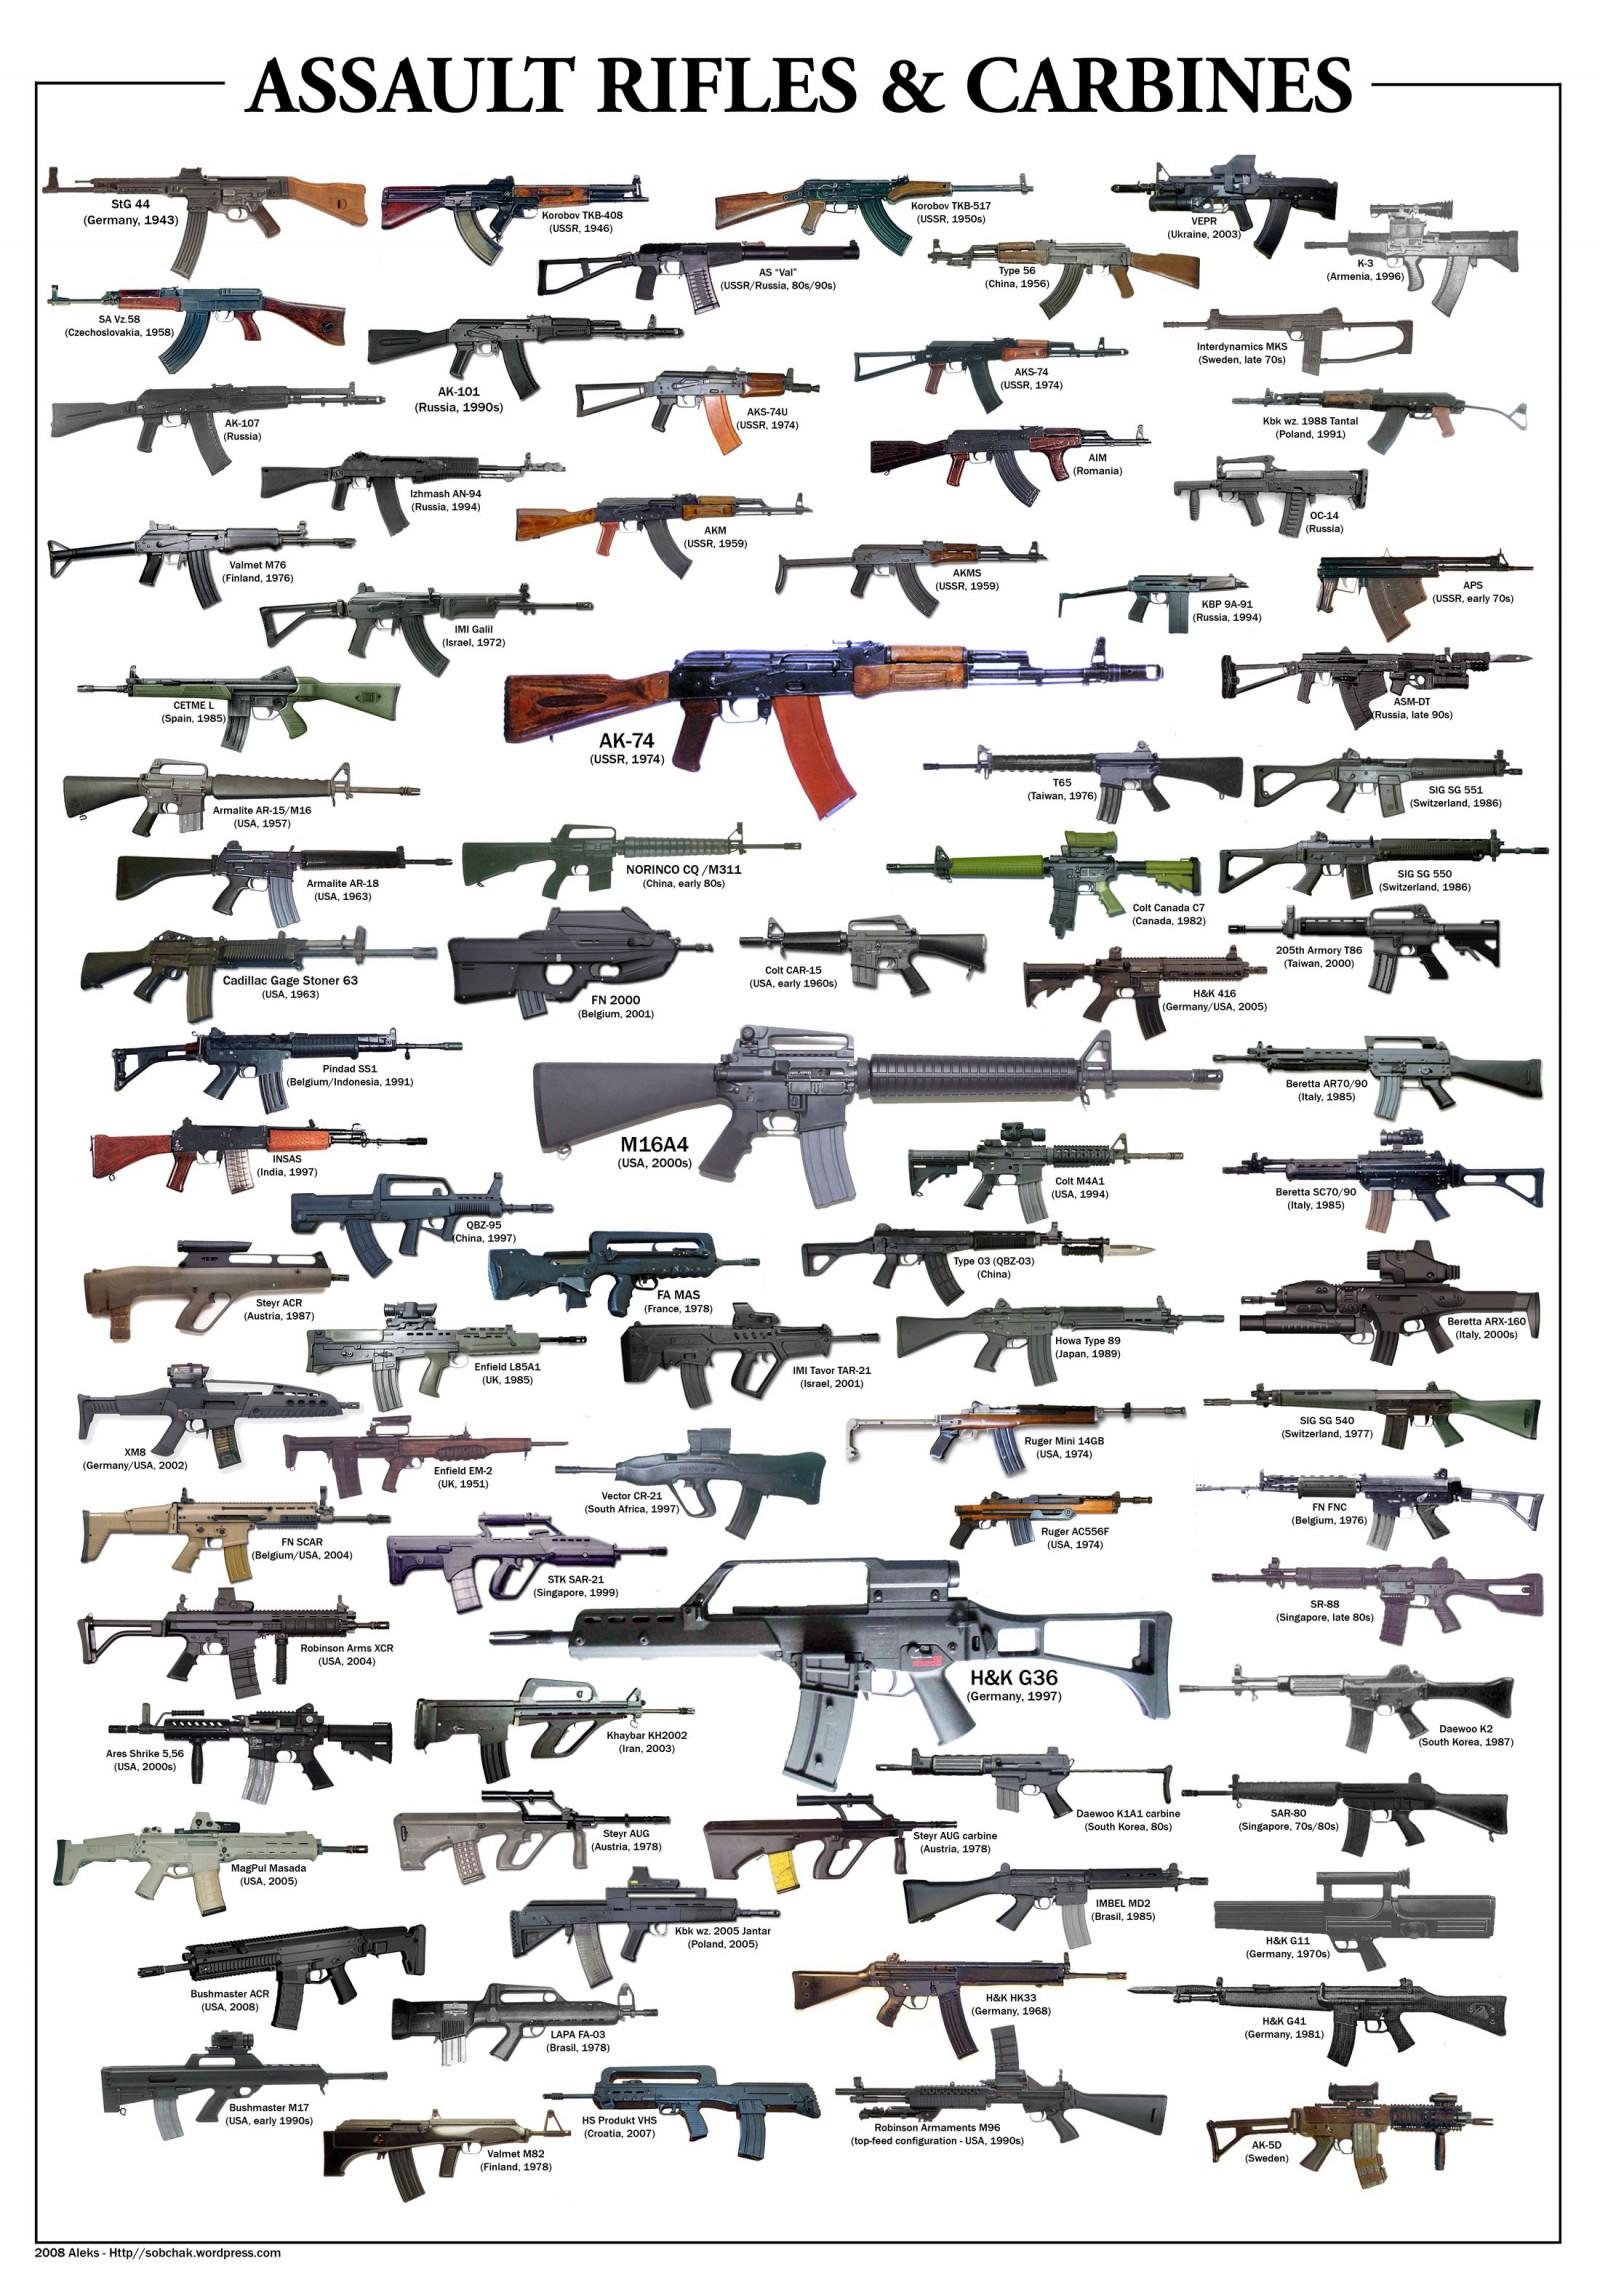 hight resolution of wallpaper drawing gun weapon ak 47 ar 15 kalashnikov as val fn fal cz vz 58 heckler koch ak 74 diagrams heckler koch g36 hk416 sig sg 550